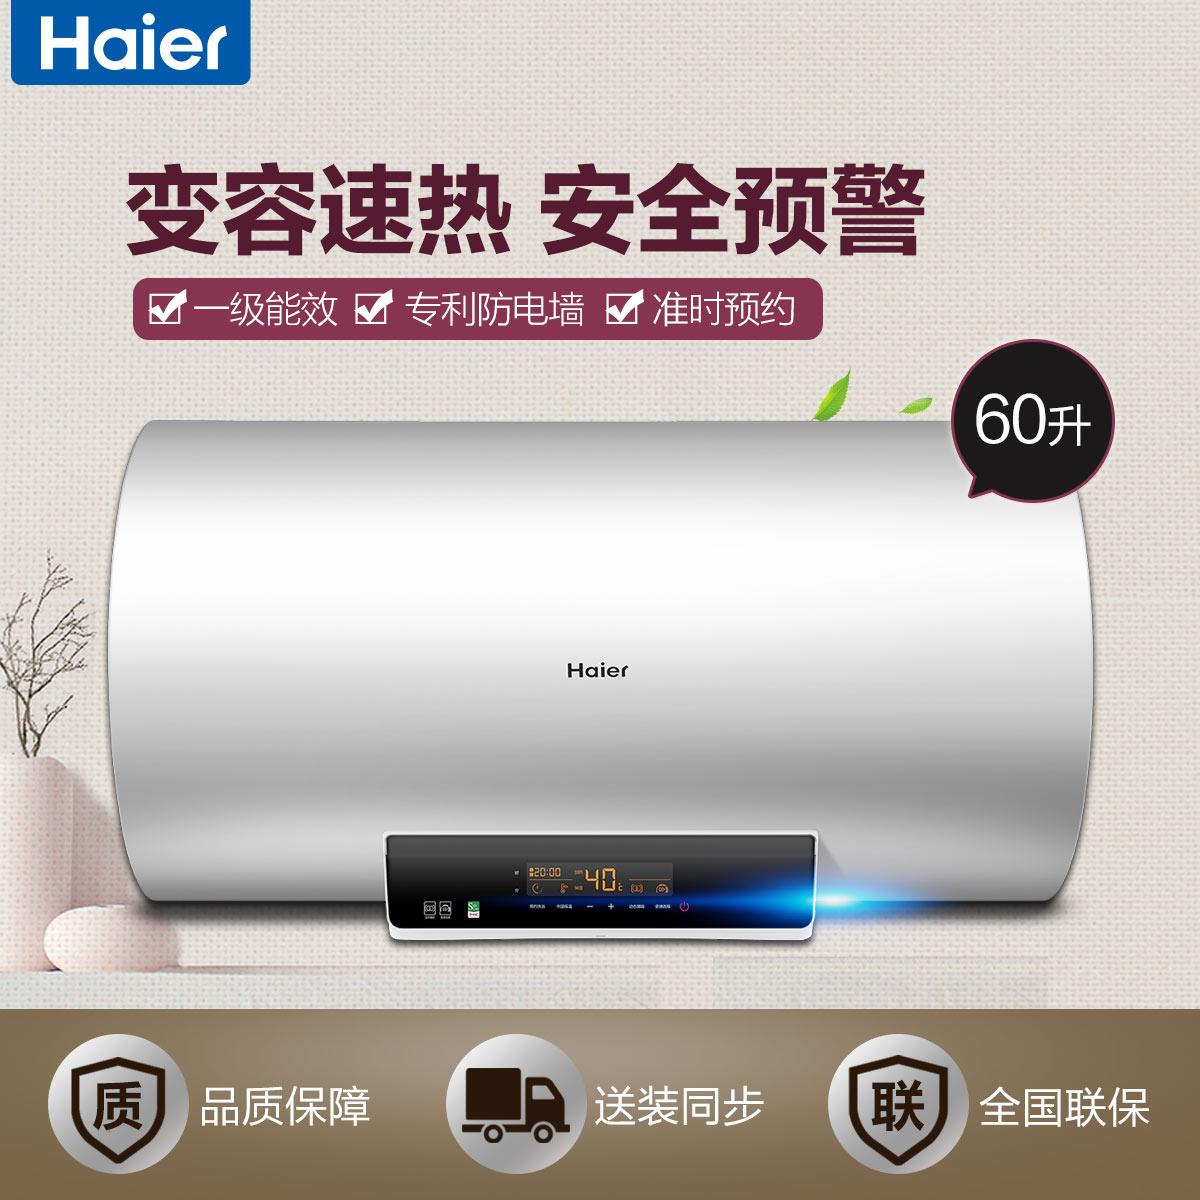 海尔60升电热水器,40℃水温恒定节能,准时预约,断电记忆功能,让你的洗浴更舒适。 EC6002-MC3